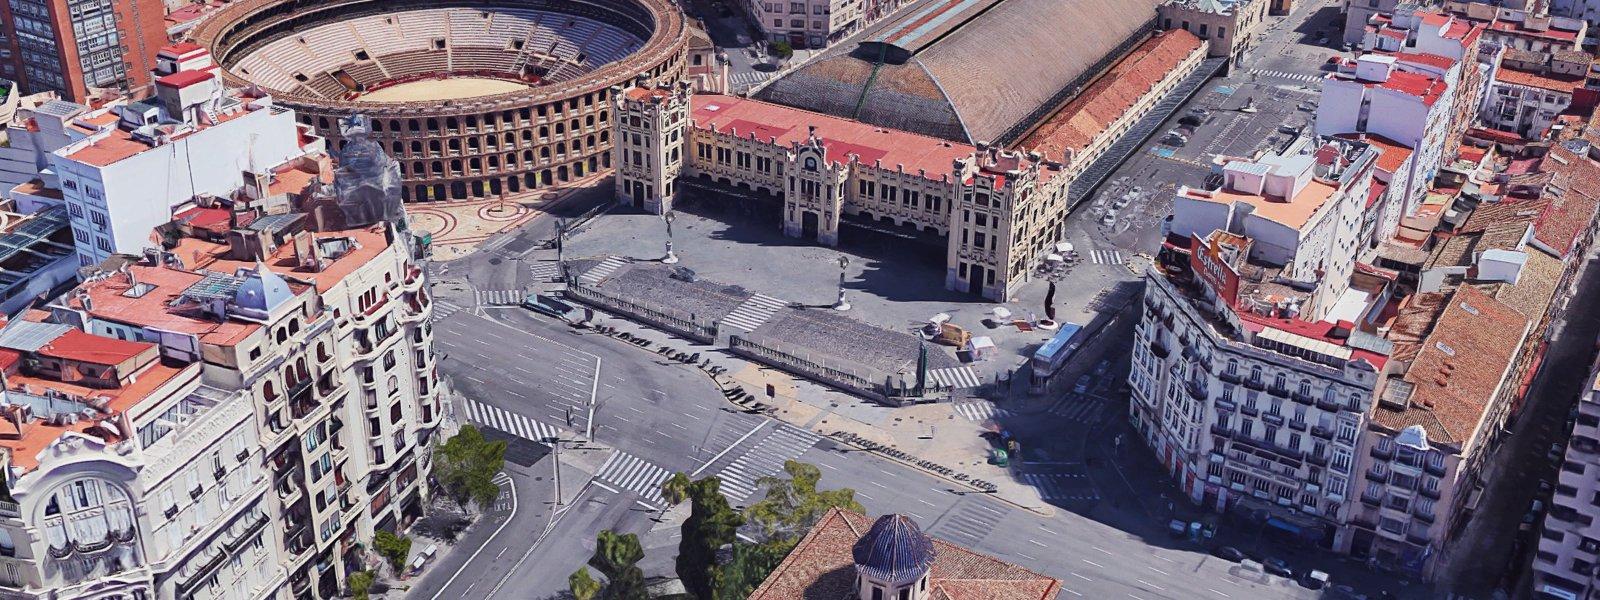 Esplanada Estació del Nord, localització per a la representació d'espectacles